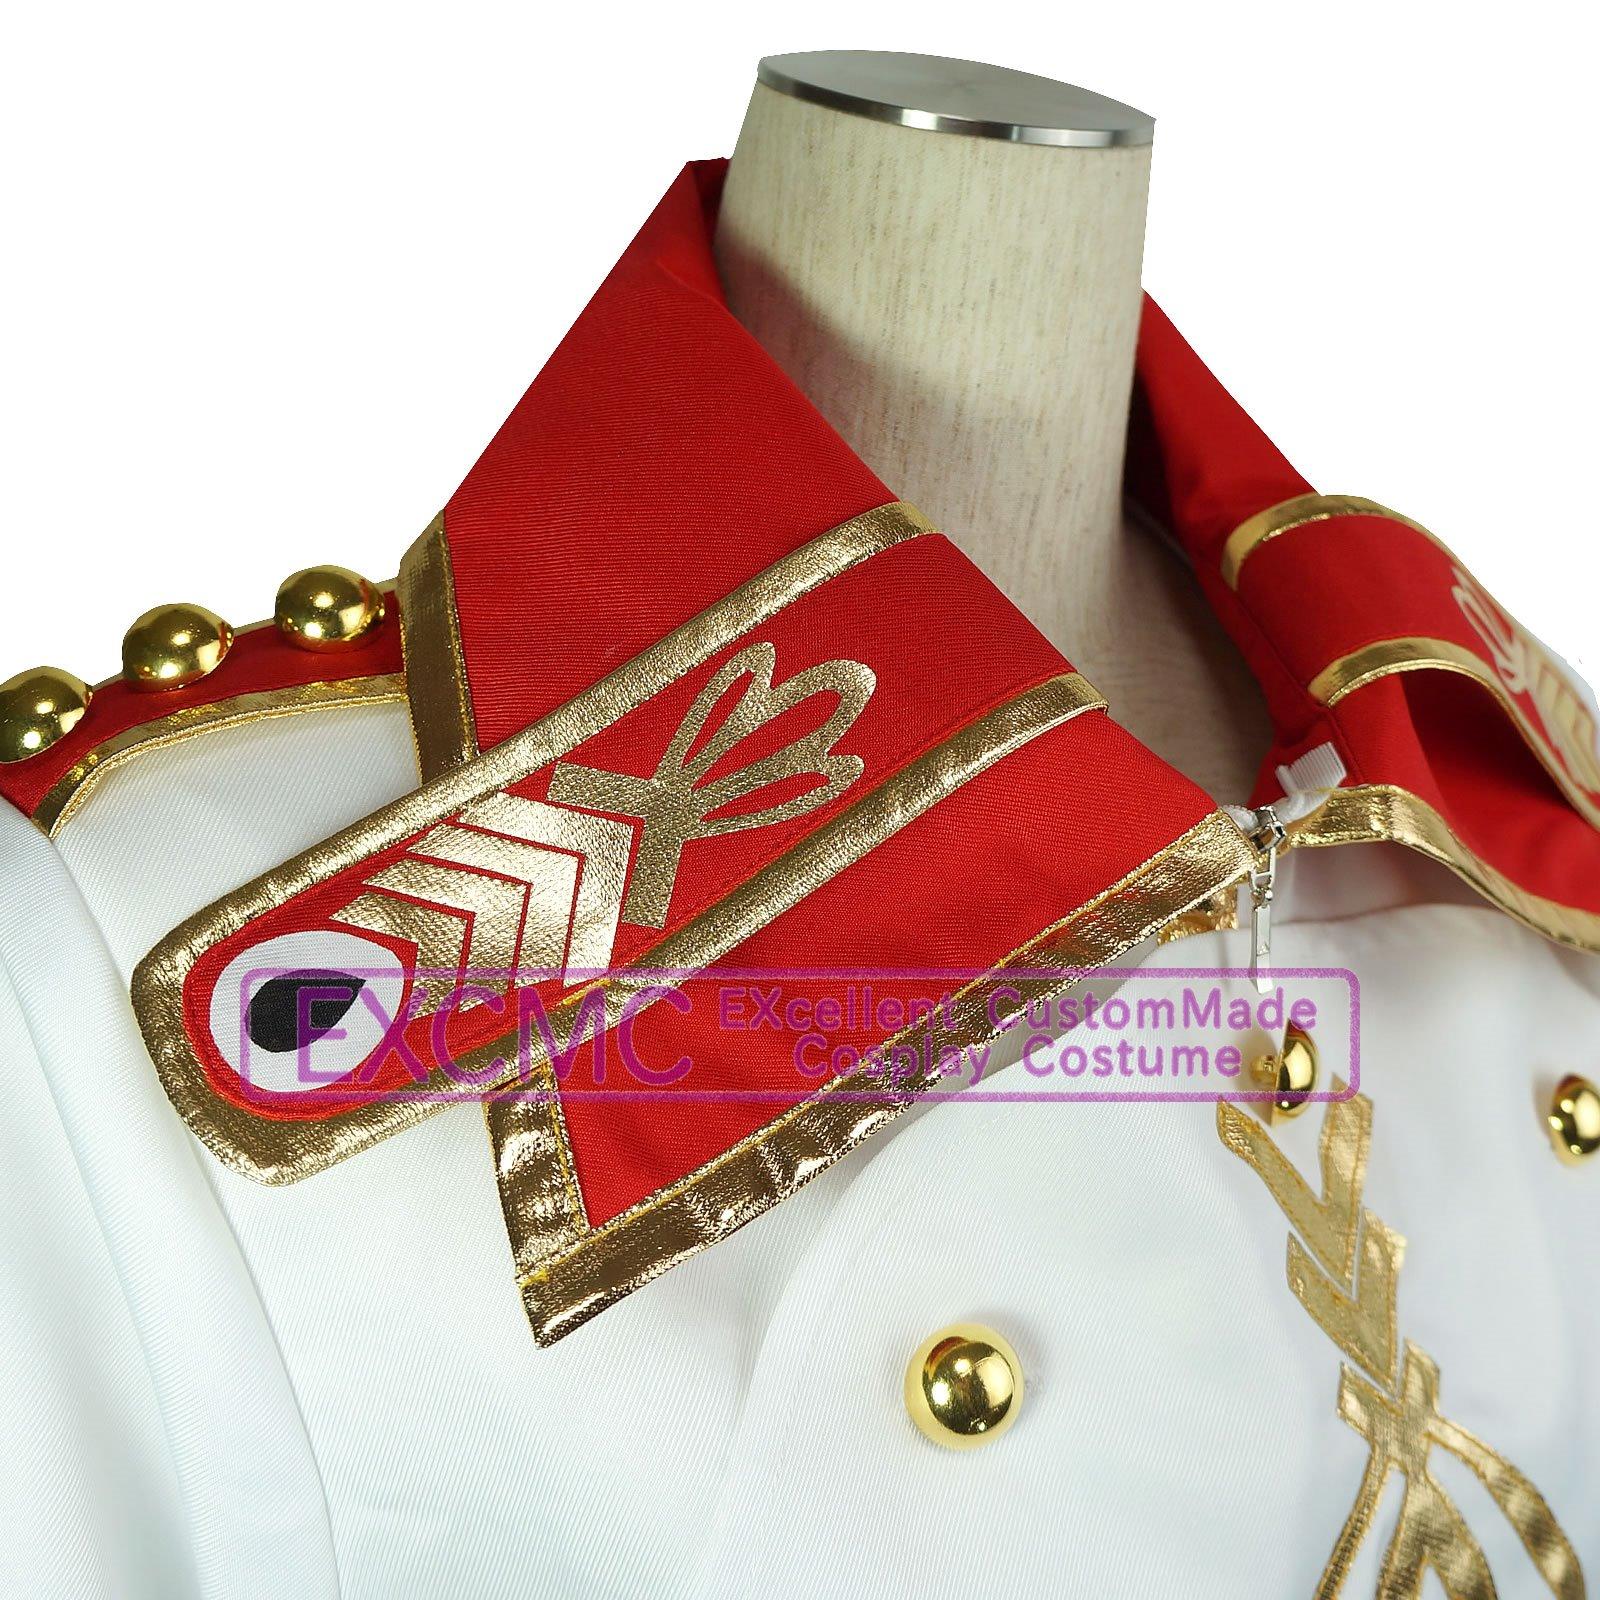 革命機ヴァルヴレイヴ_カイン・ドレッセル 風 コスプレ衣装4